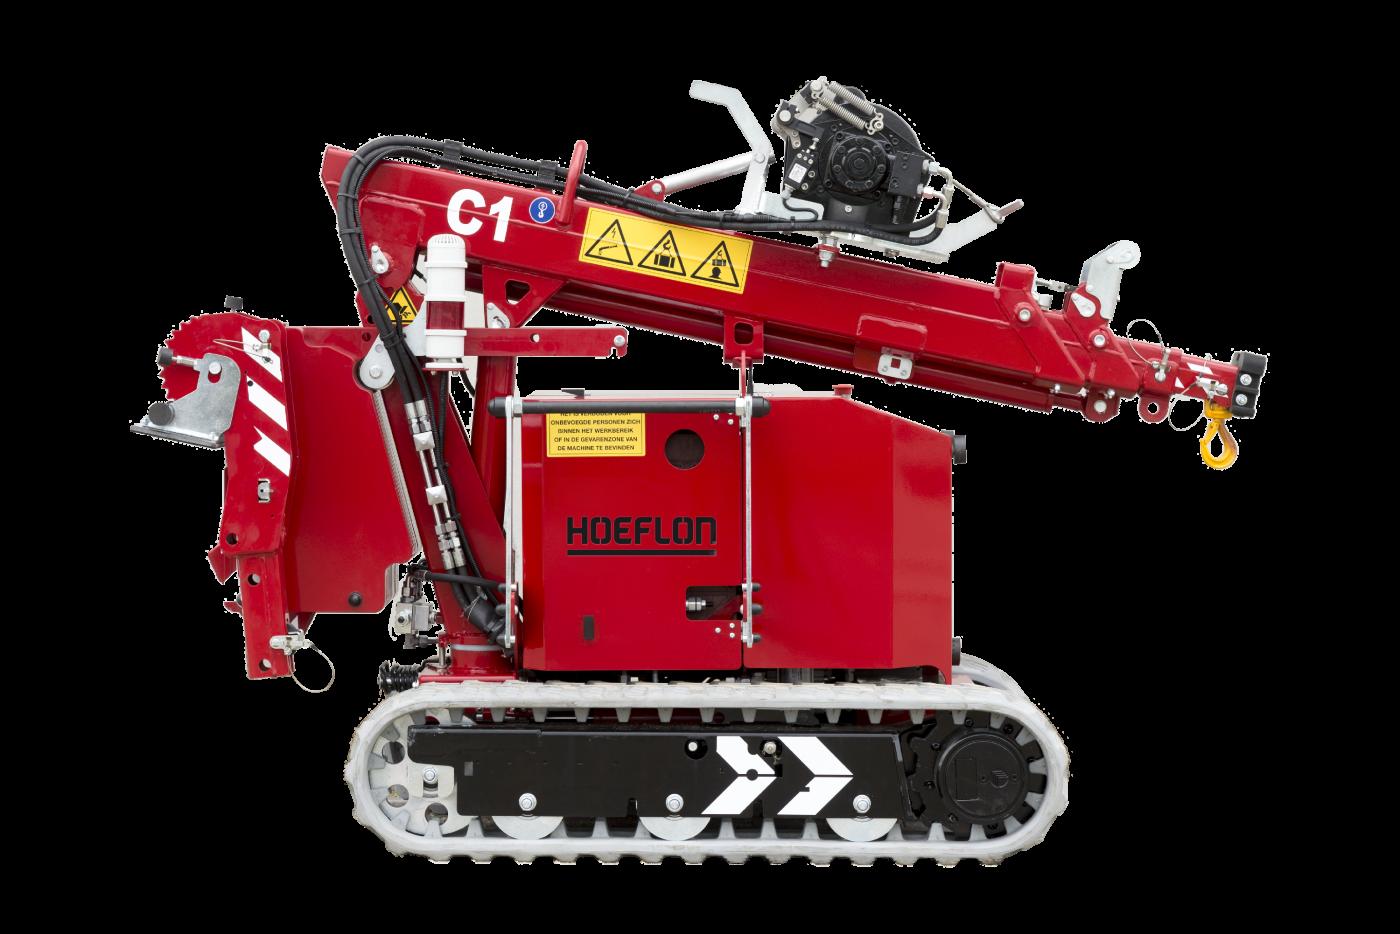 Hoeflon C1 Compact Crane